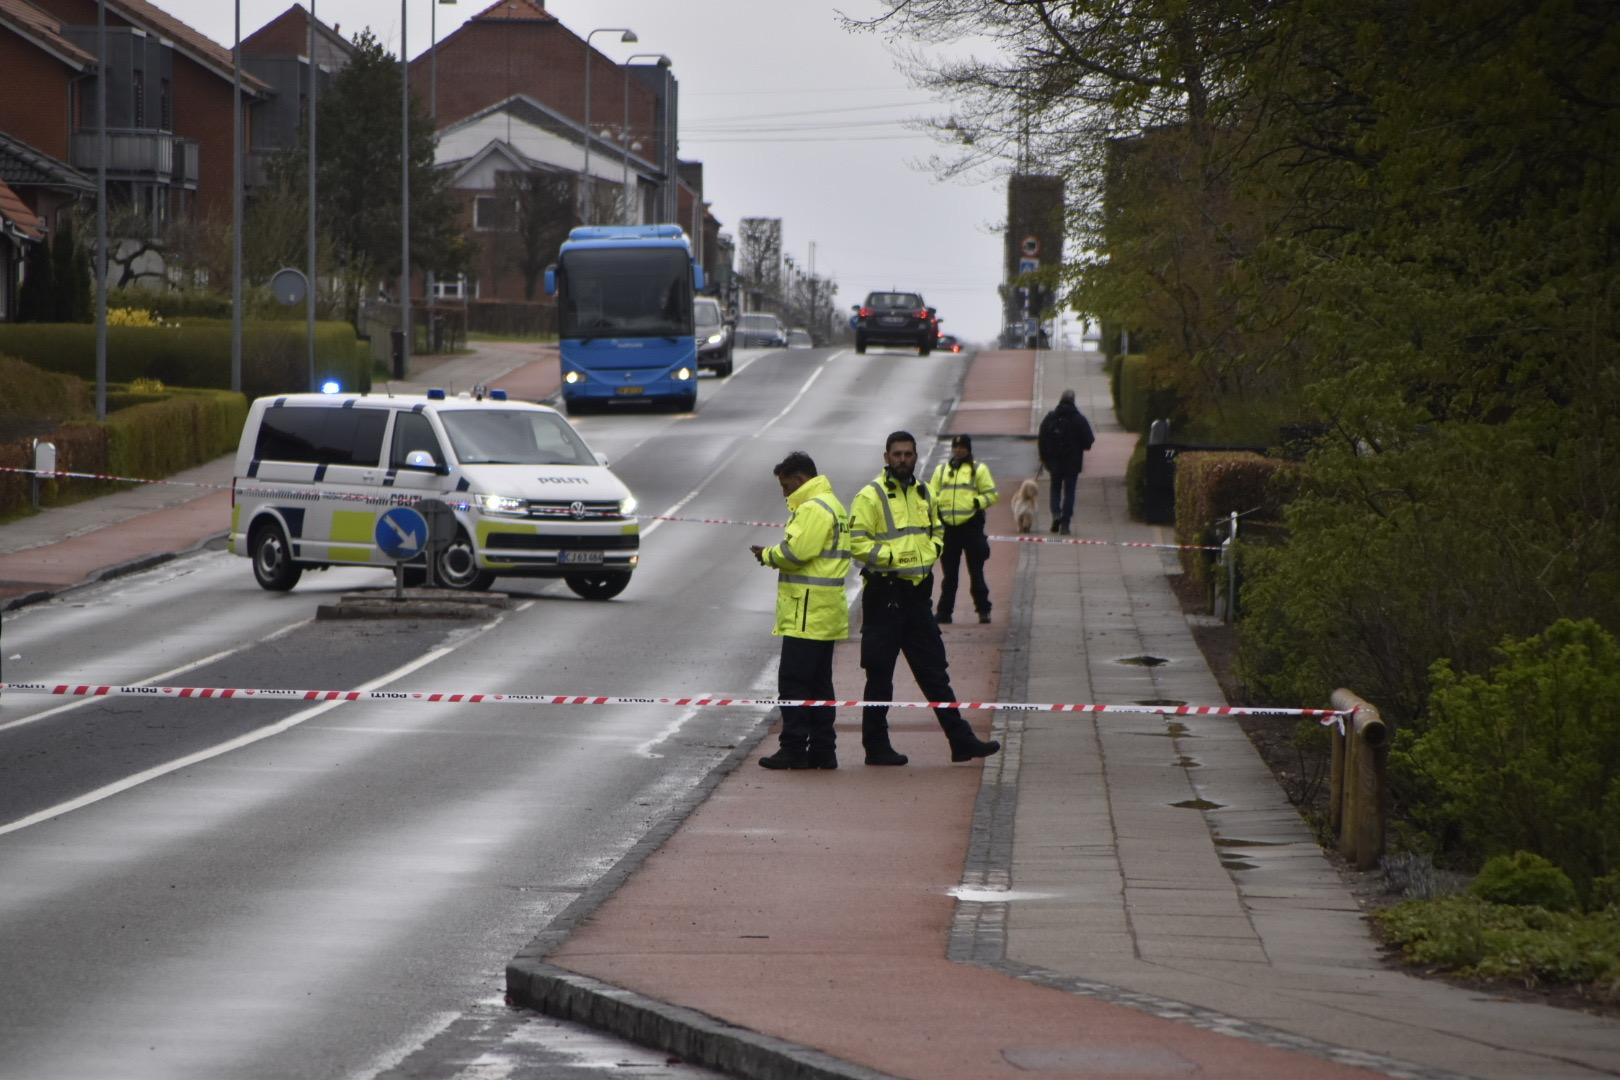 Cyklist påkørt af bil i Videbæk ved Herning